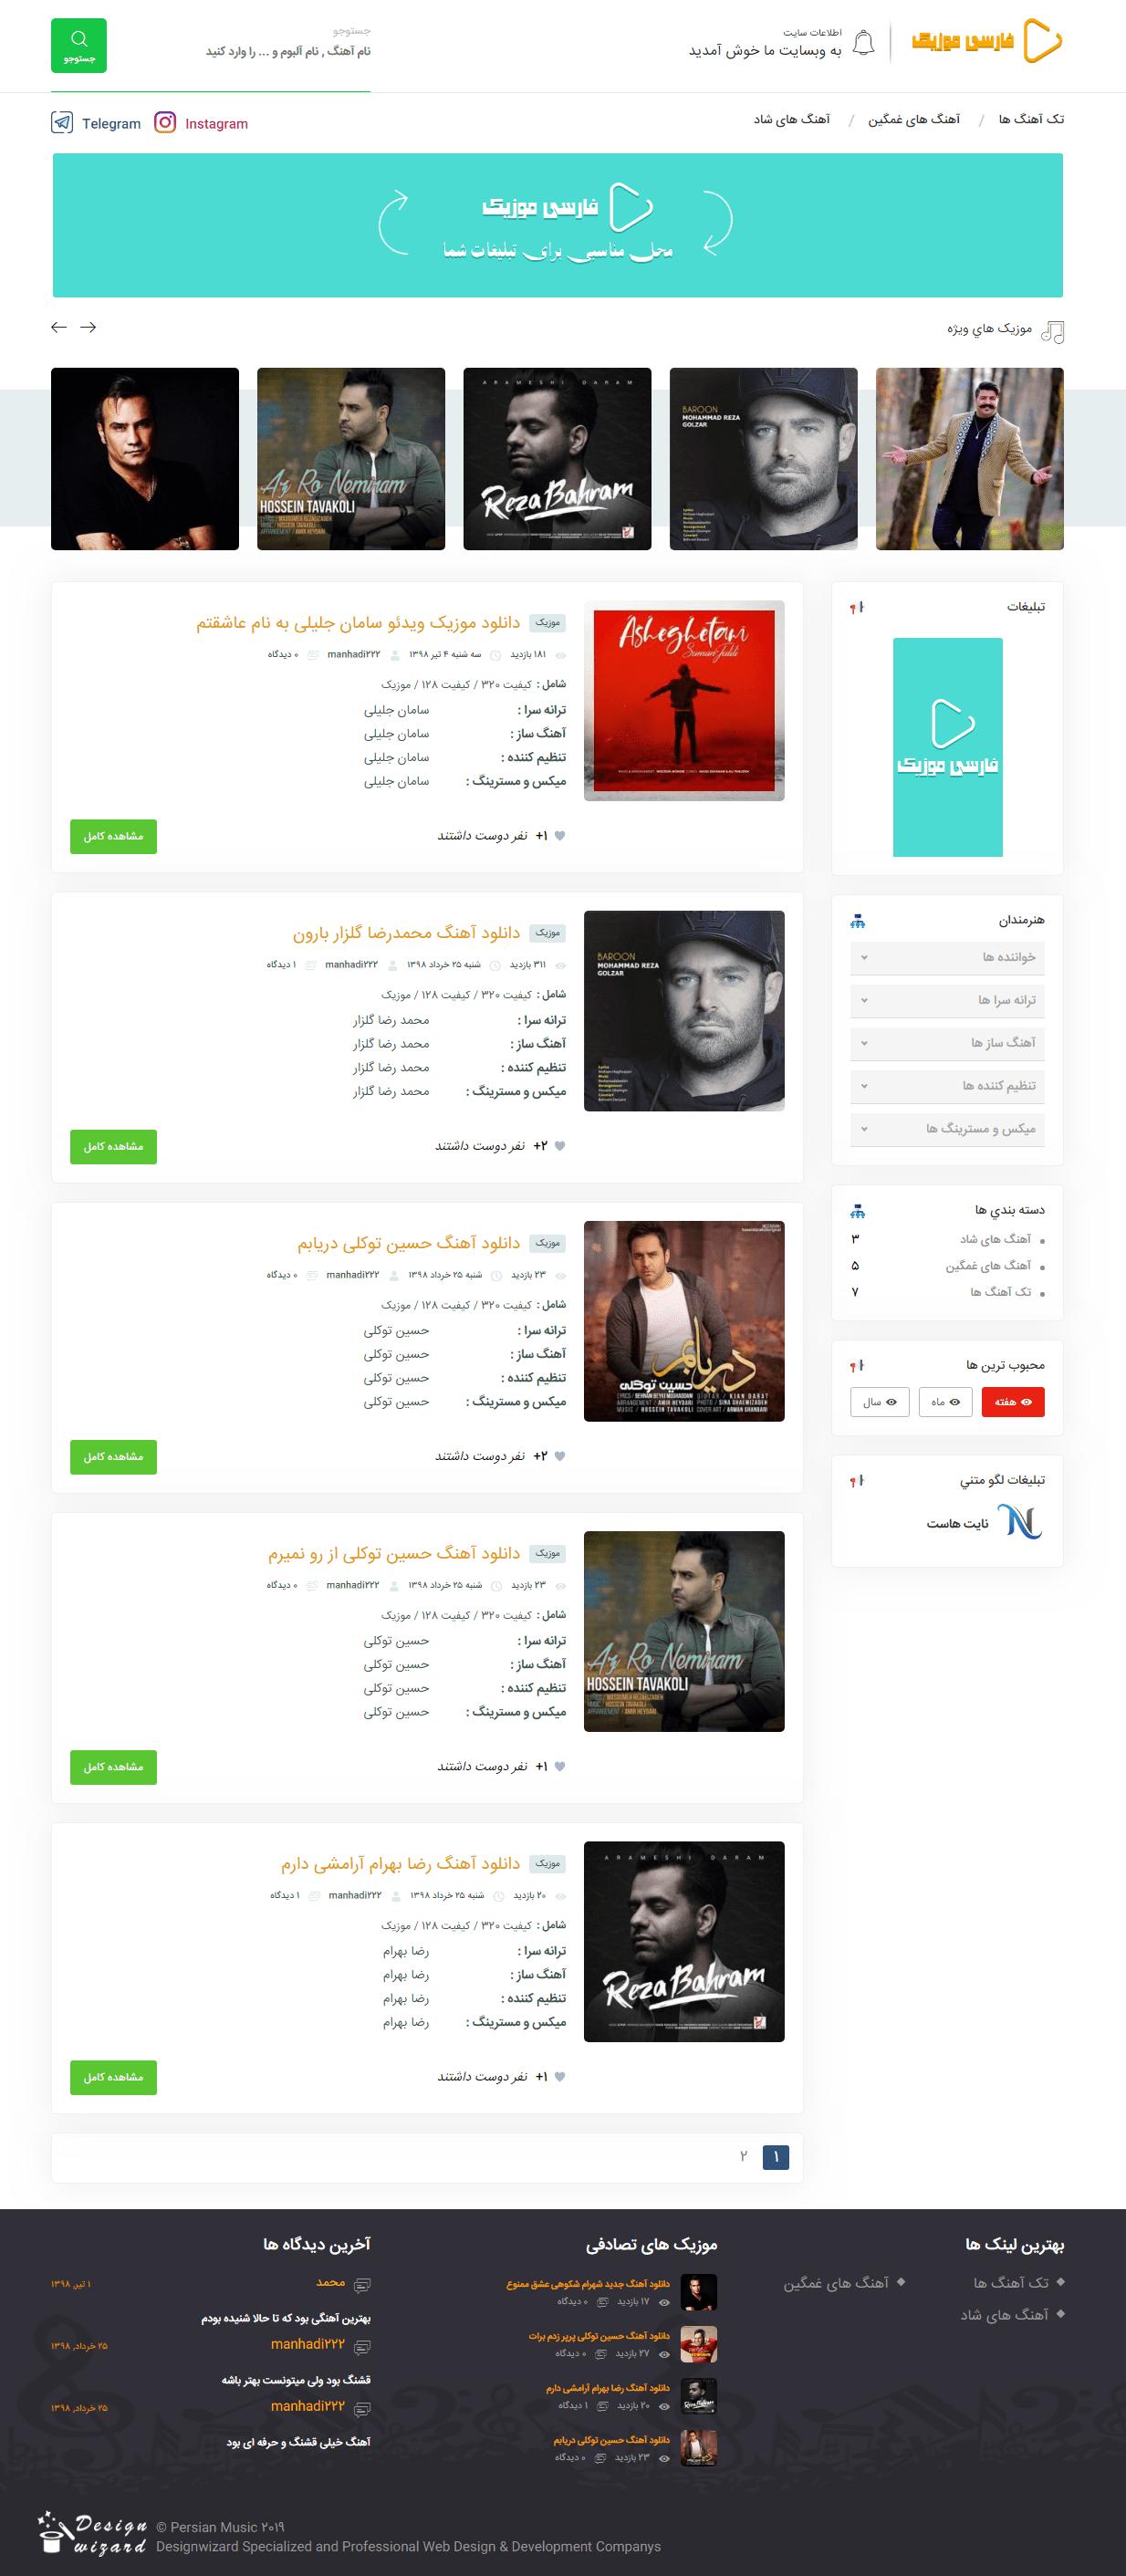 قالب فارسی موزیک | قالب ایرانی فارسی موزیک